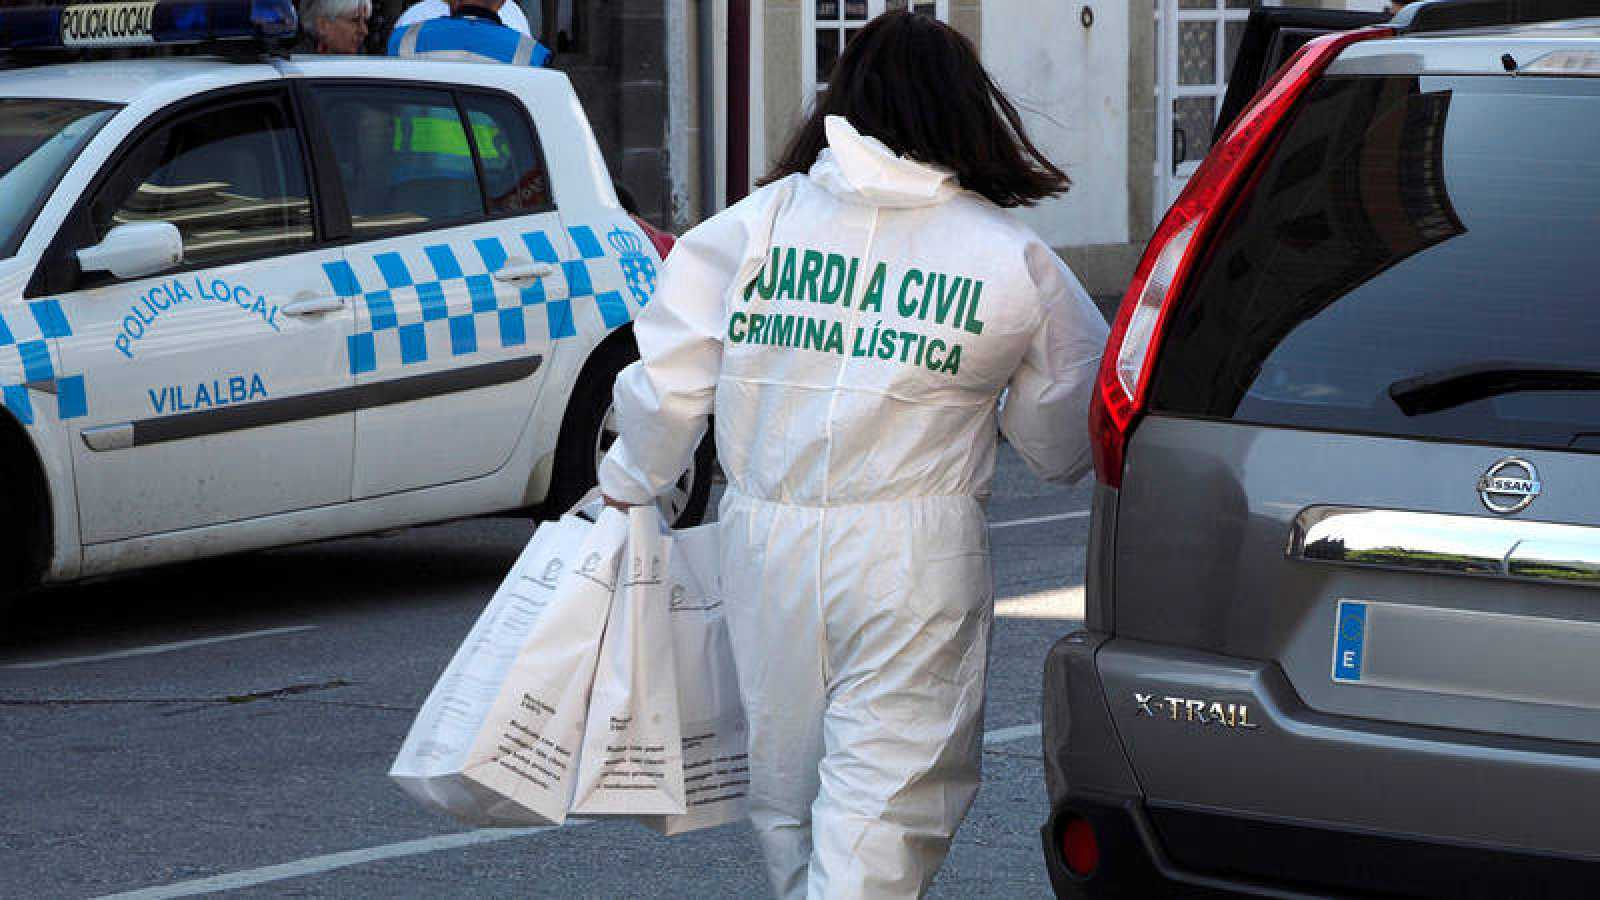 Efectivos de la Guardia Civil trabajan en el lugar del suceso